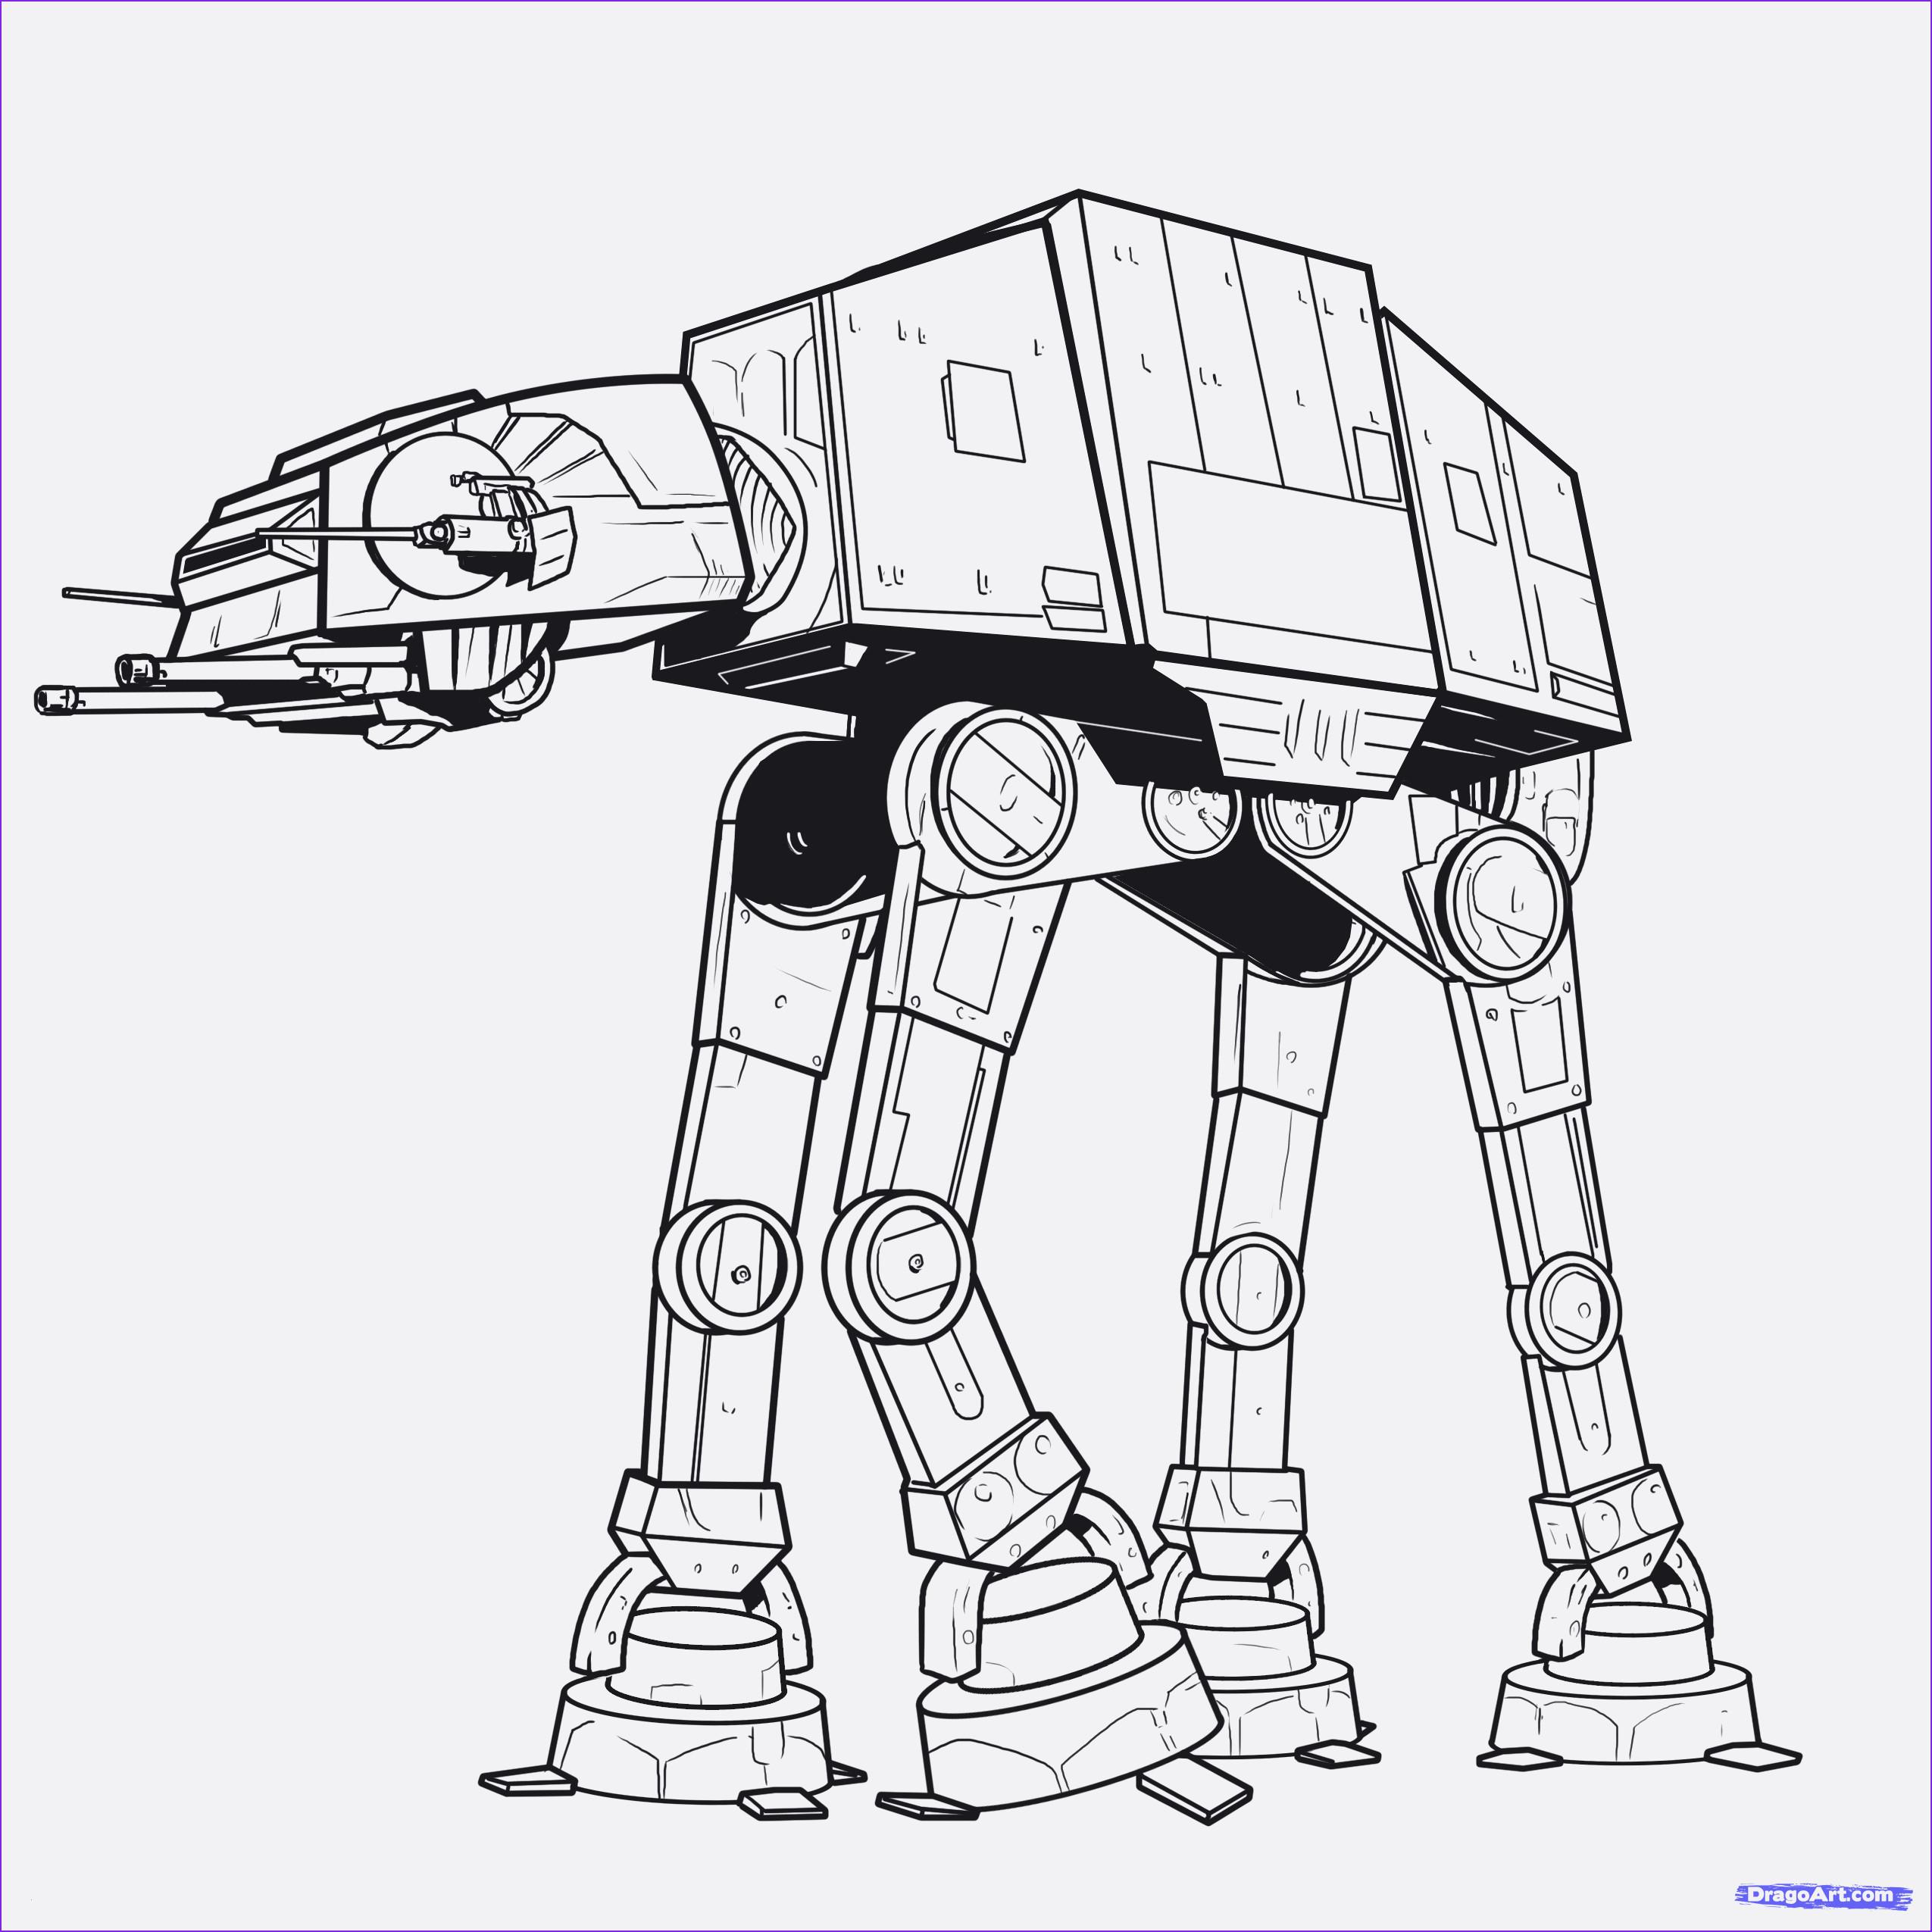 Lego Star Wars Ausmalbild Frisch Lego Starwars Ausmalbilder Uploadertalk Inspirierend Ausmalbilder Bild